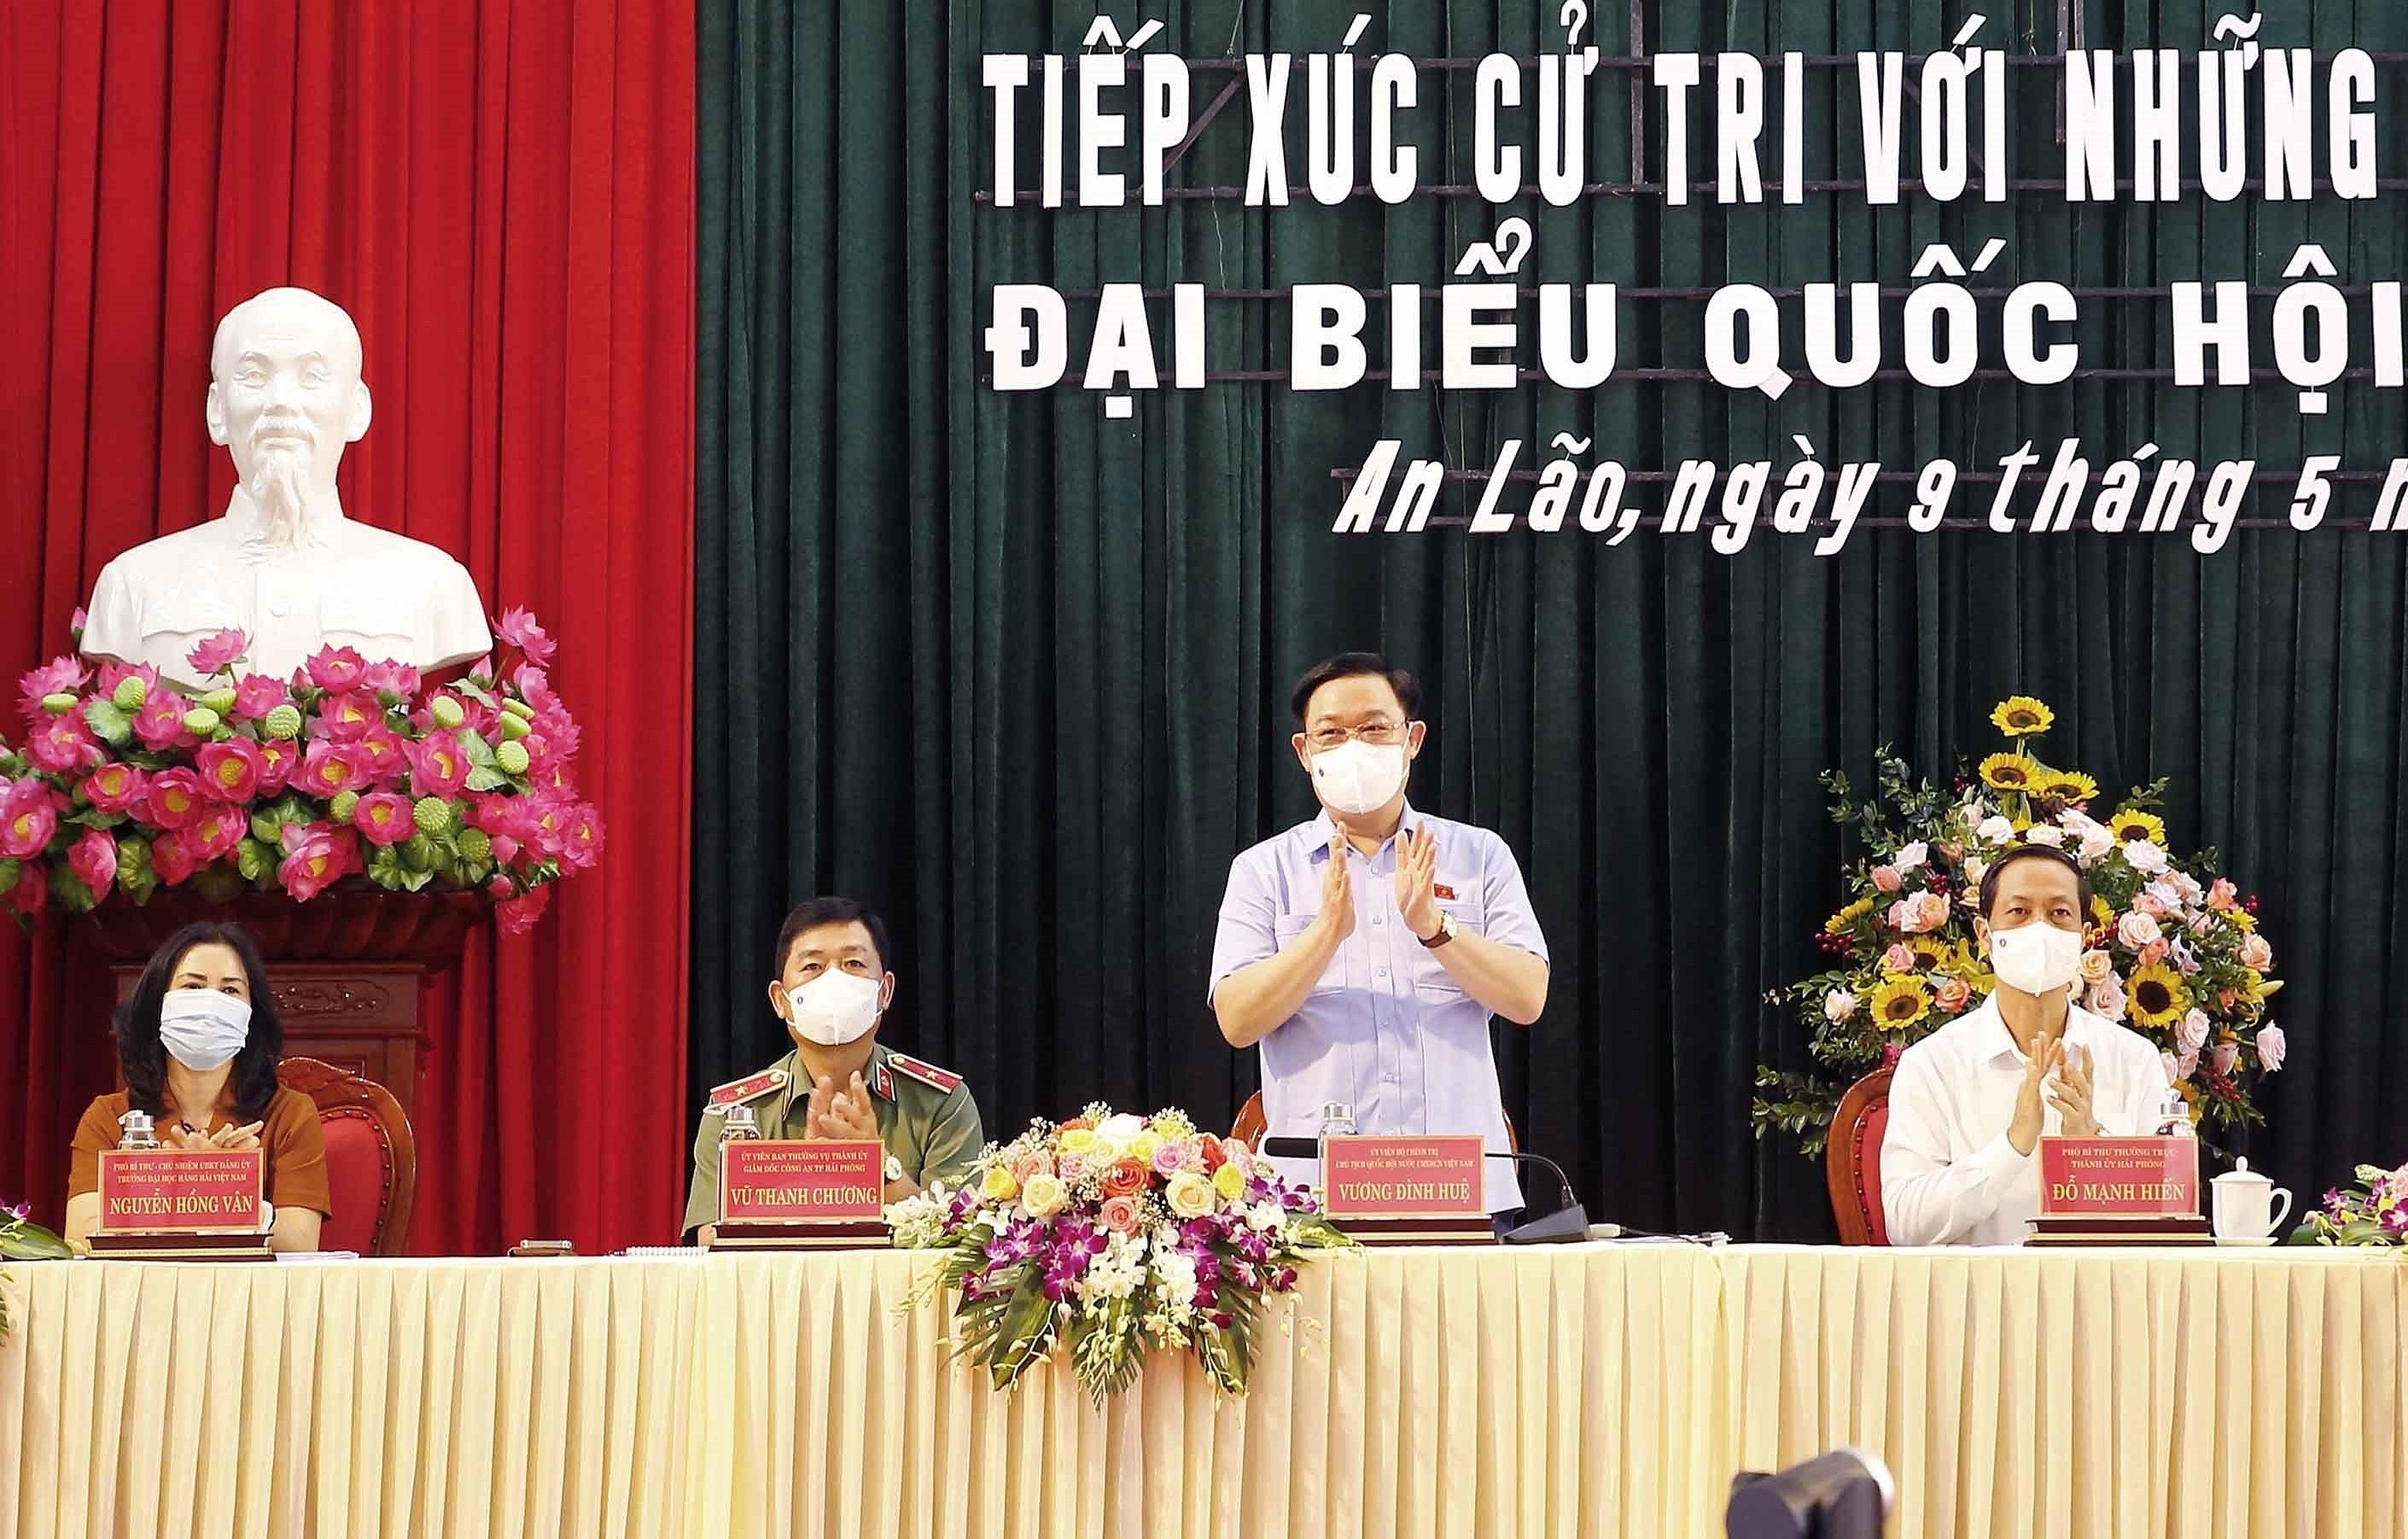 Chu tich Quoc hoi tiep xuc cu tri, van dong bau cu tai Hai Phong hinh anh 2